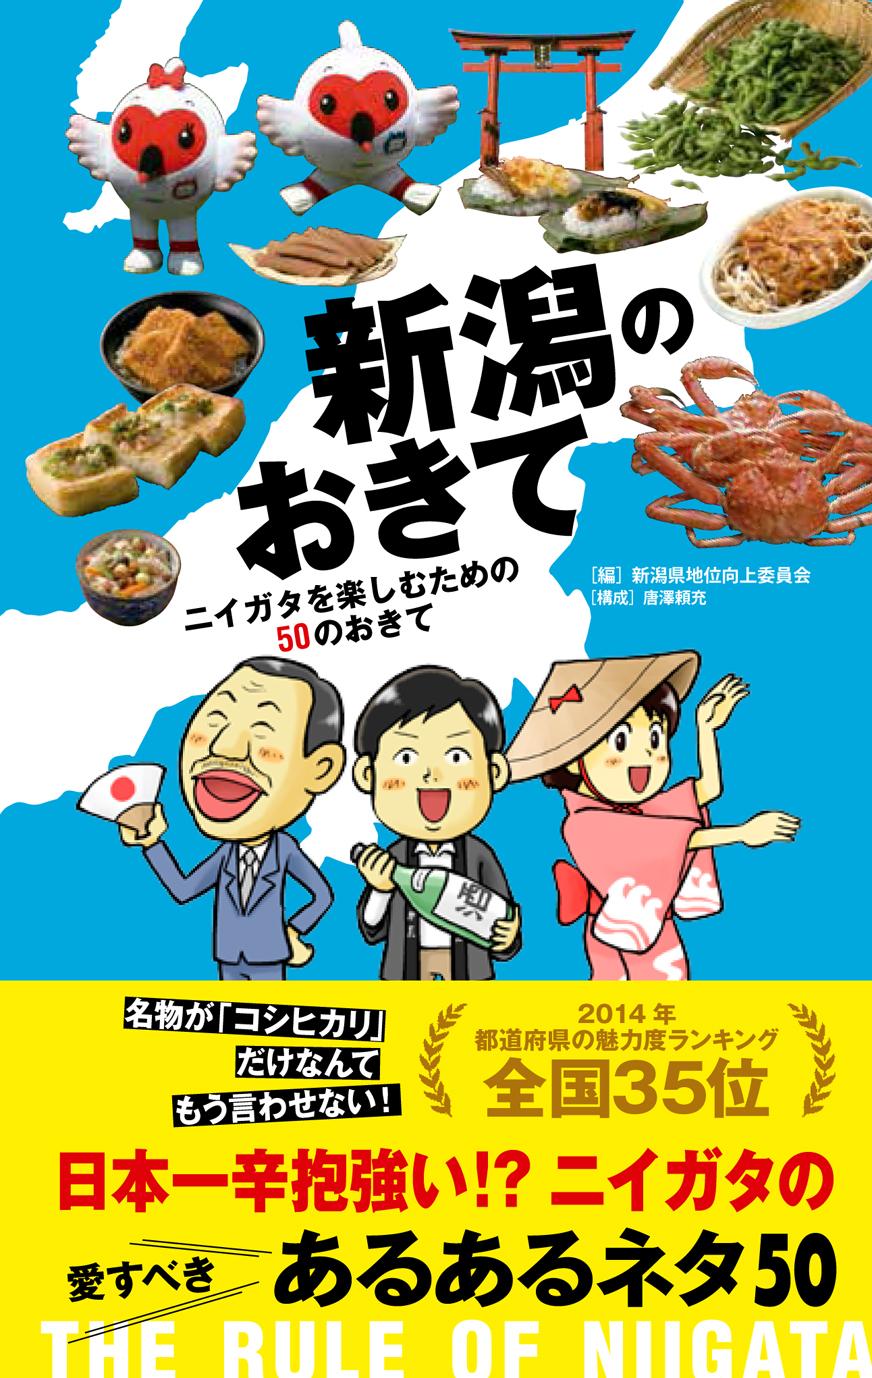 11/25「新潟のおきて~ニイガタを楽しむための50のおきて~」が発売されます(PR)